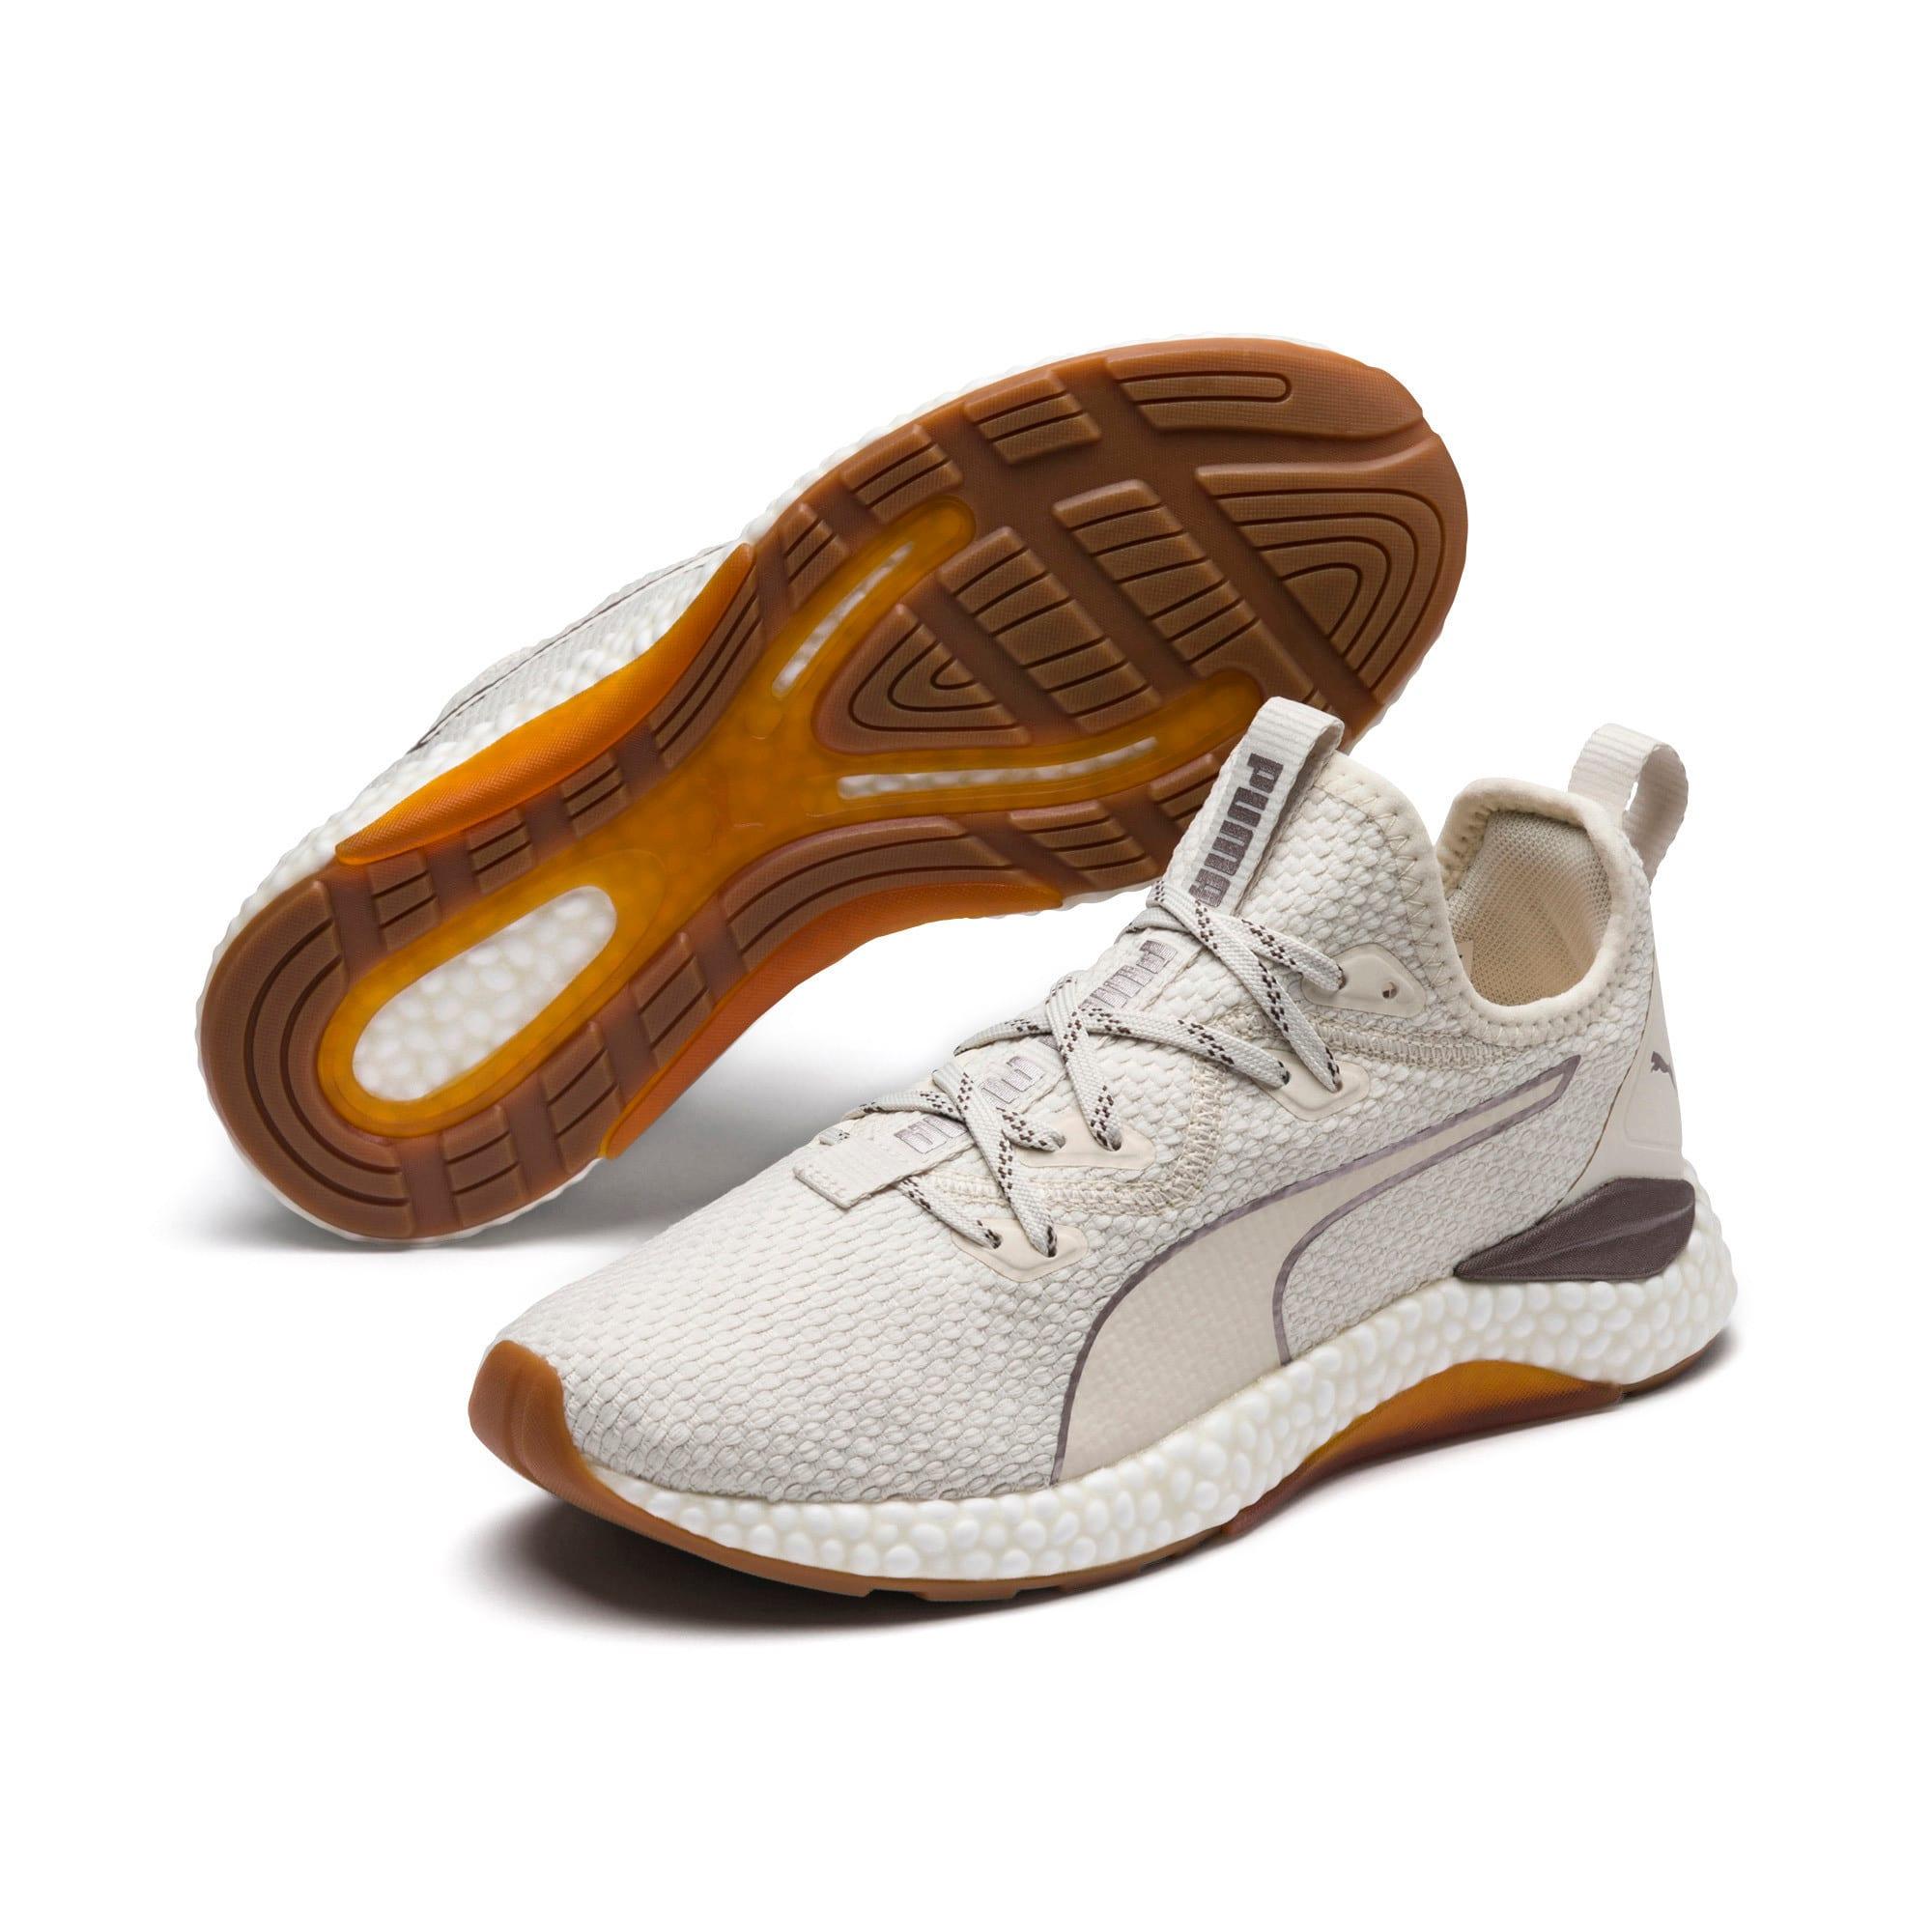 Thumbnail 2 of HYBRID Runner Luxe Women's Running Shoes, Whisper White-Puma White, medium